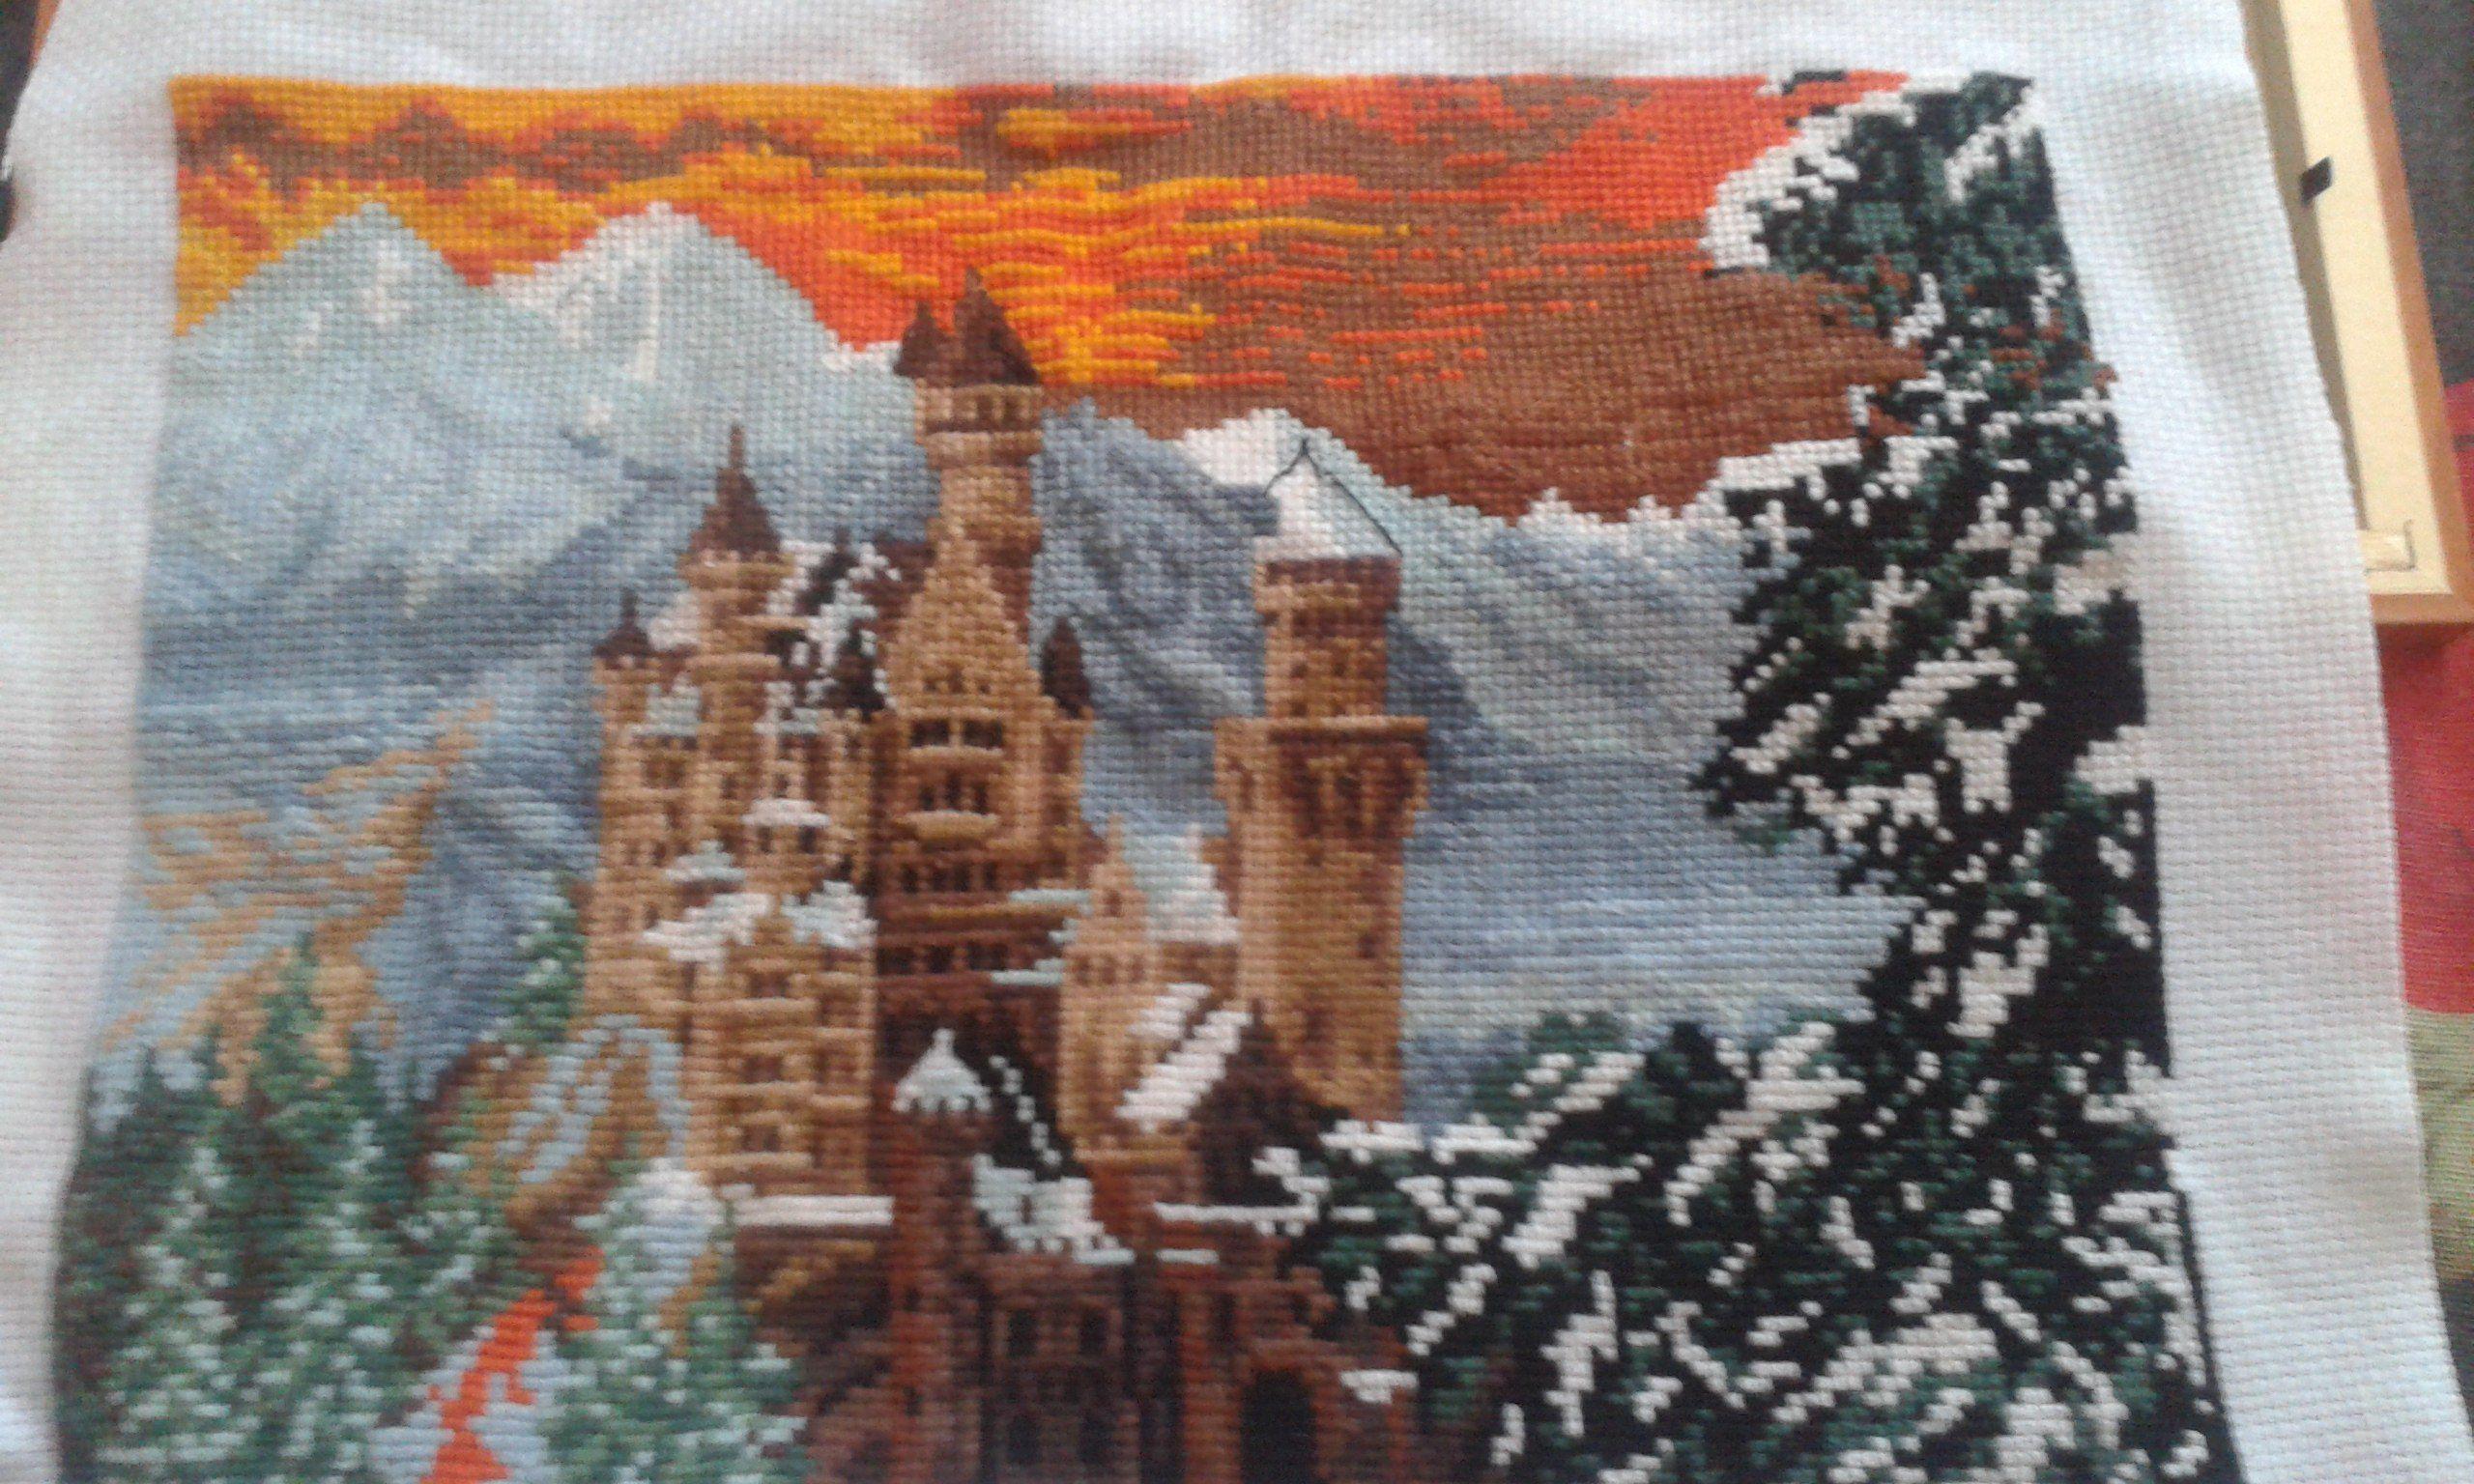 картина природа вышивка горы закат замок мулине крестики